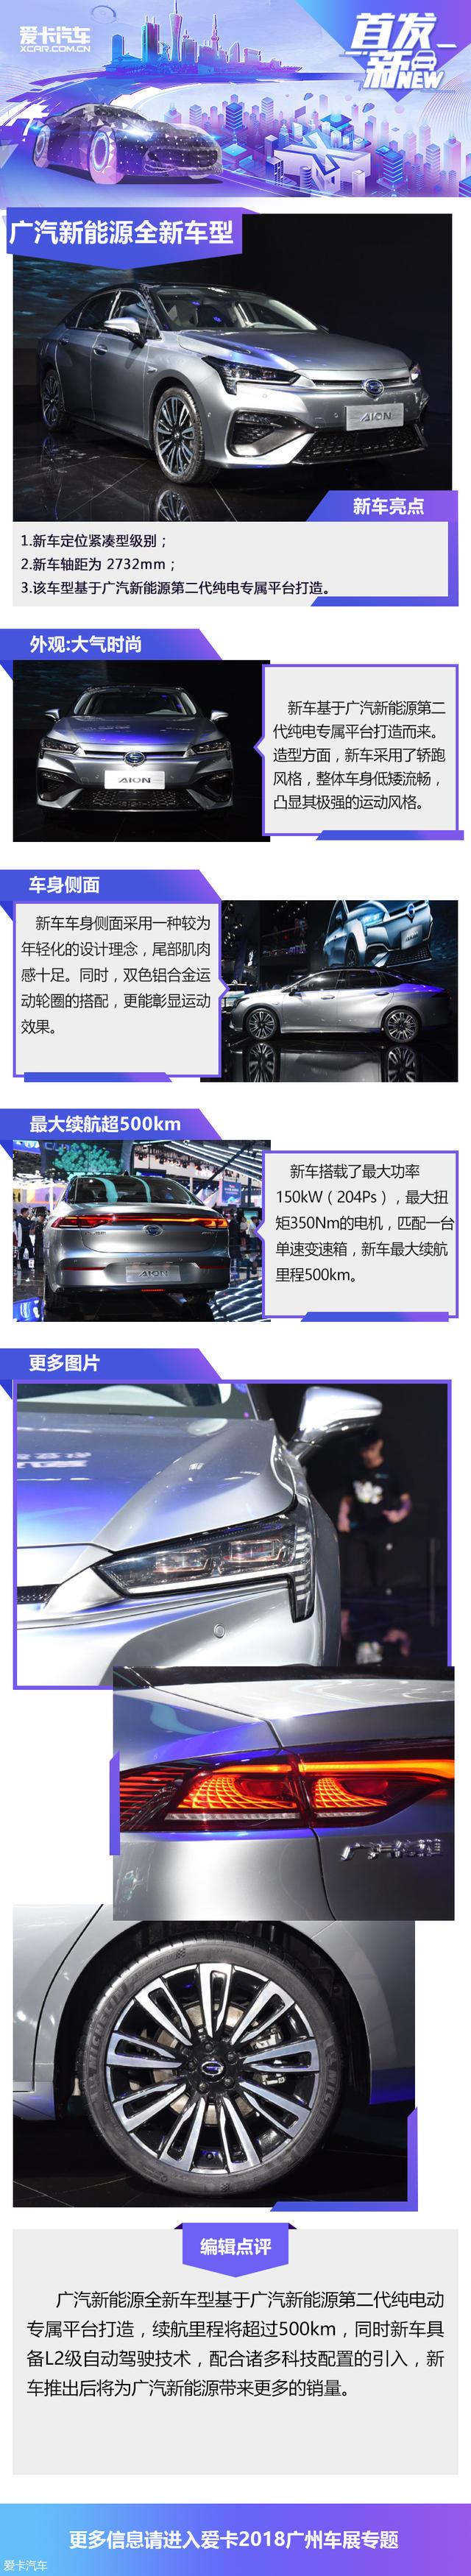 广汽新能源AION S发布 定位纯电动车型